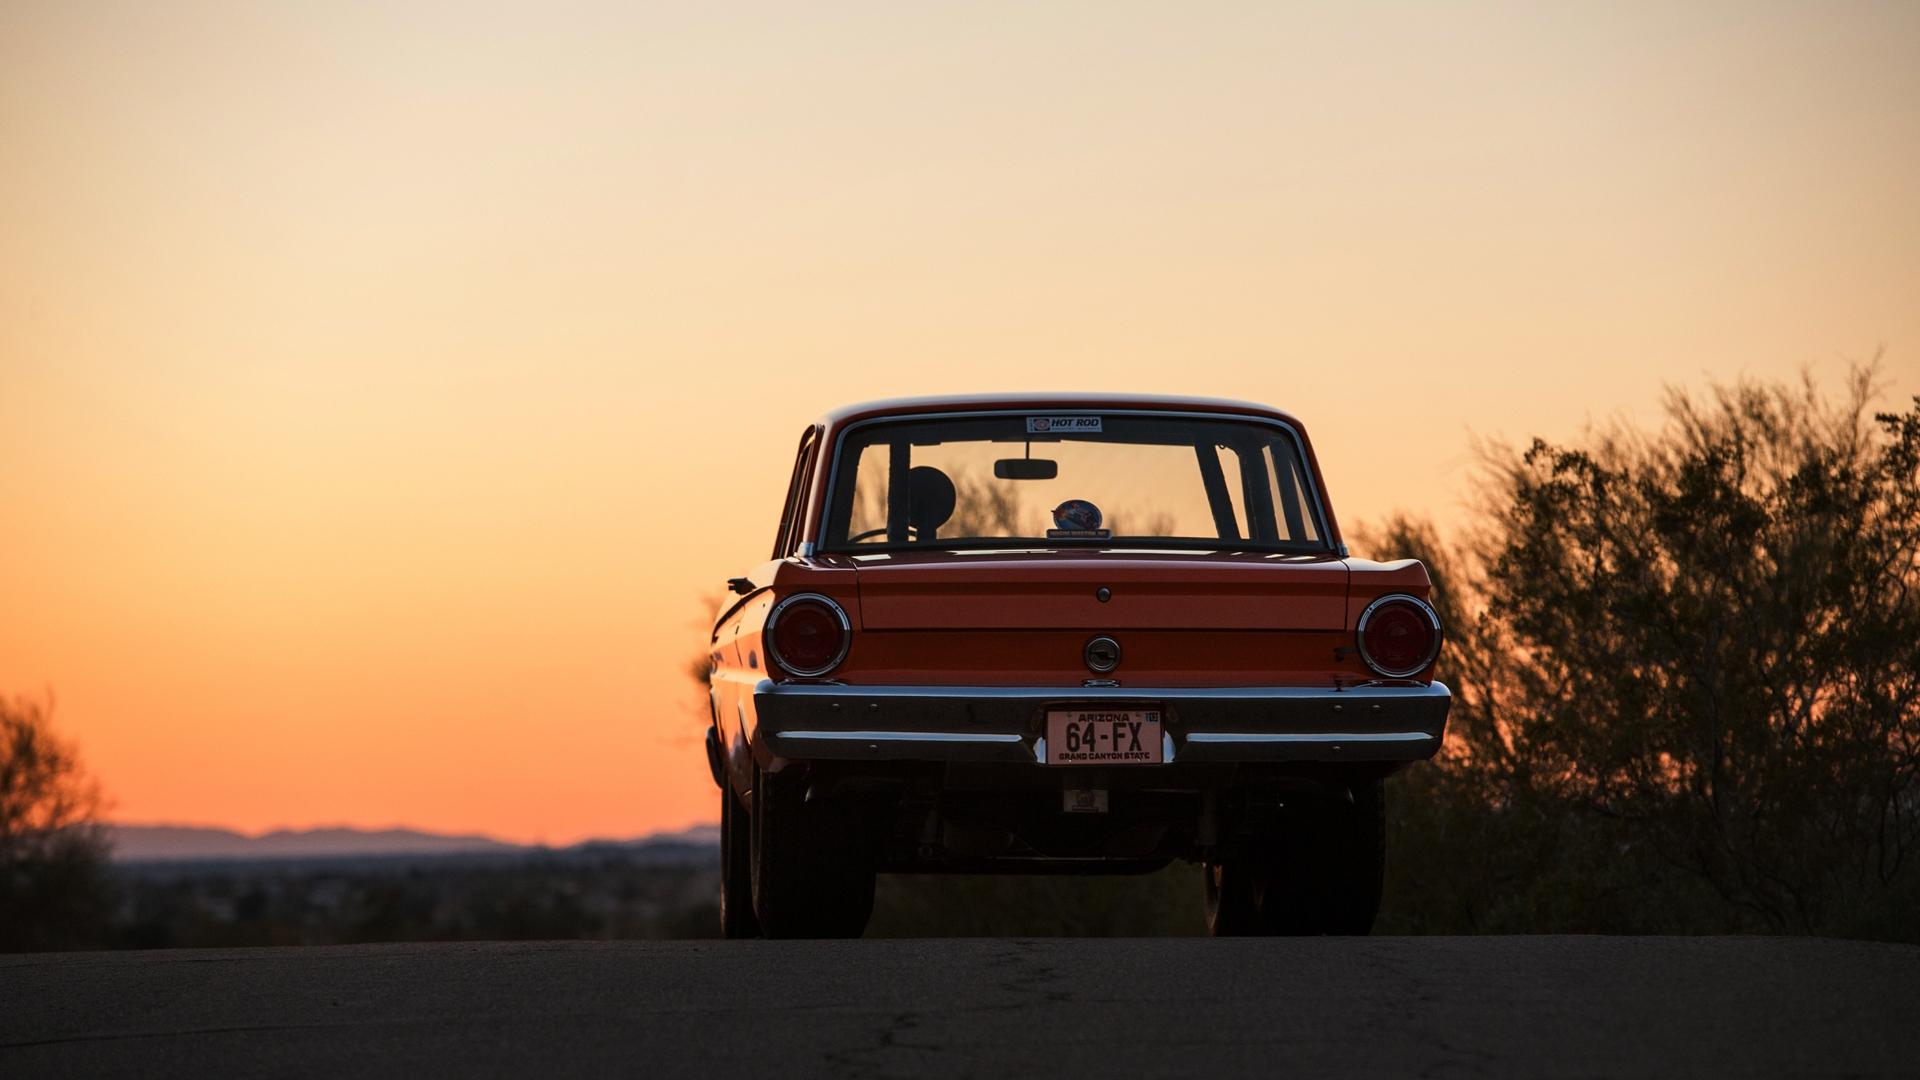 1968 Dodge Charger Wallpaper Cars 9 1964 Ford Falcon Fondos De Pantalla Hd Fondos De